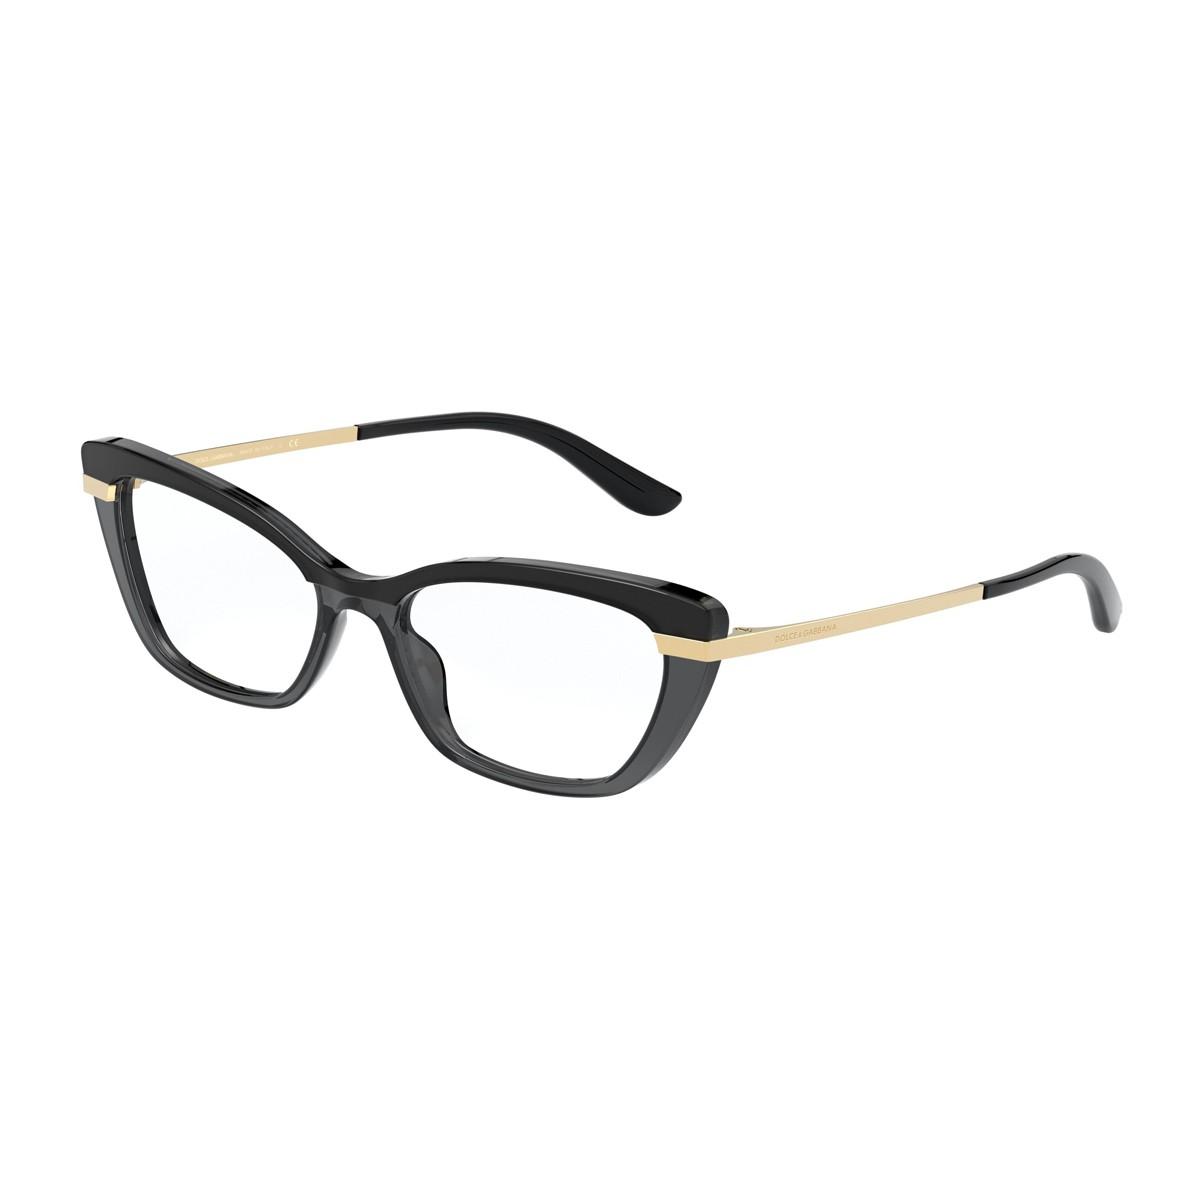 Dolce & Gabbana DG3325 | Women's eyeglasses